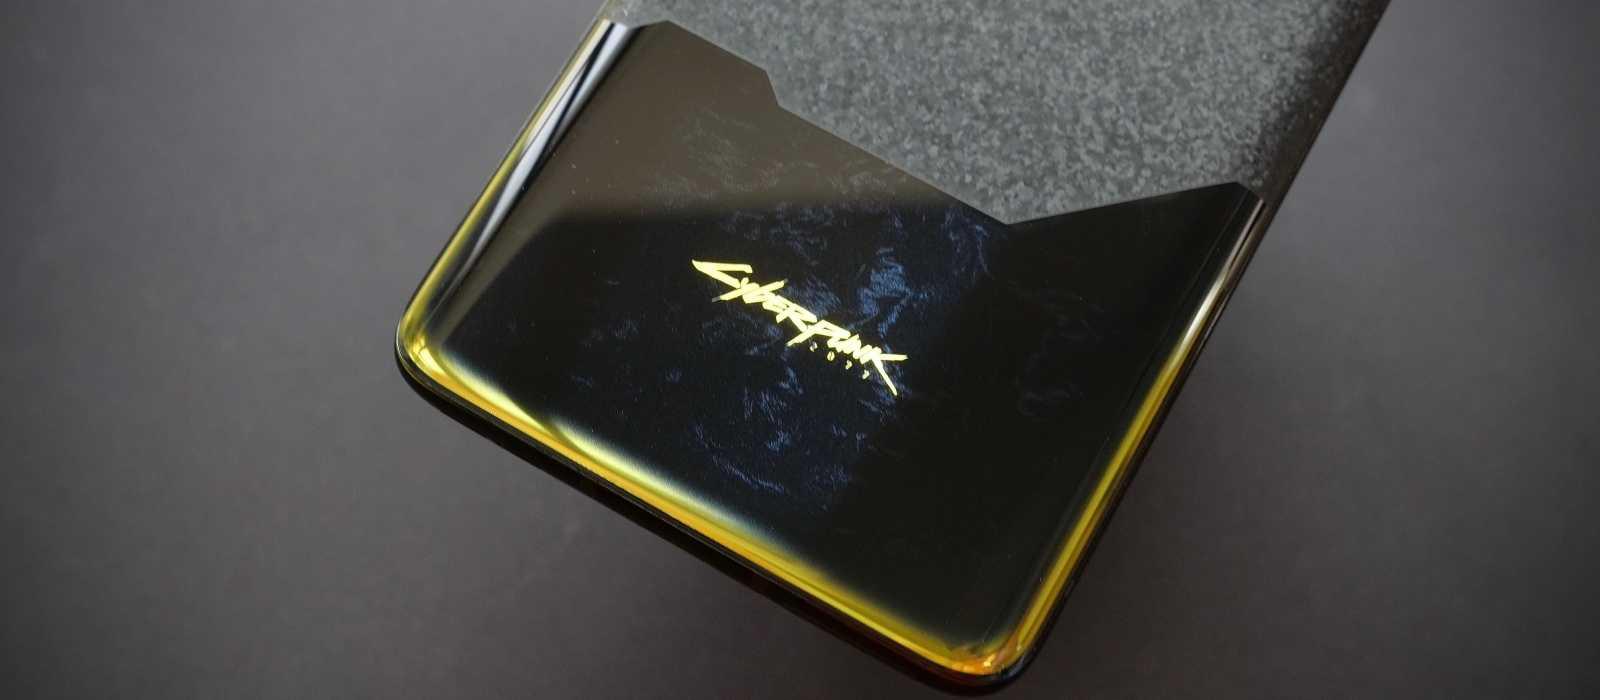 OnePlus 8T Cyberpunk 2077 Limited Edition Smartphone vor der Veröffentlichung ausgepackt (Fotos)